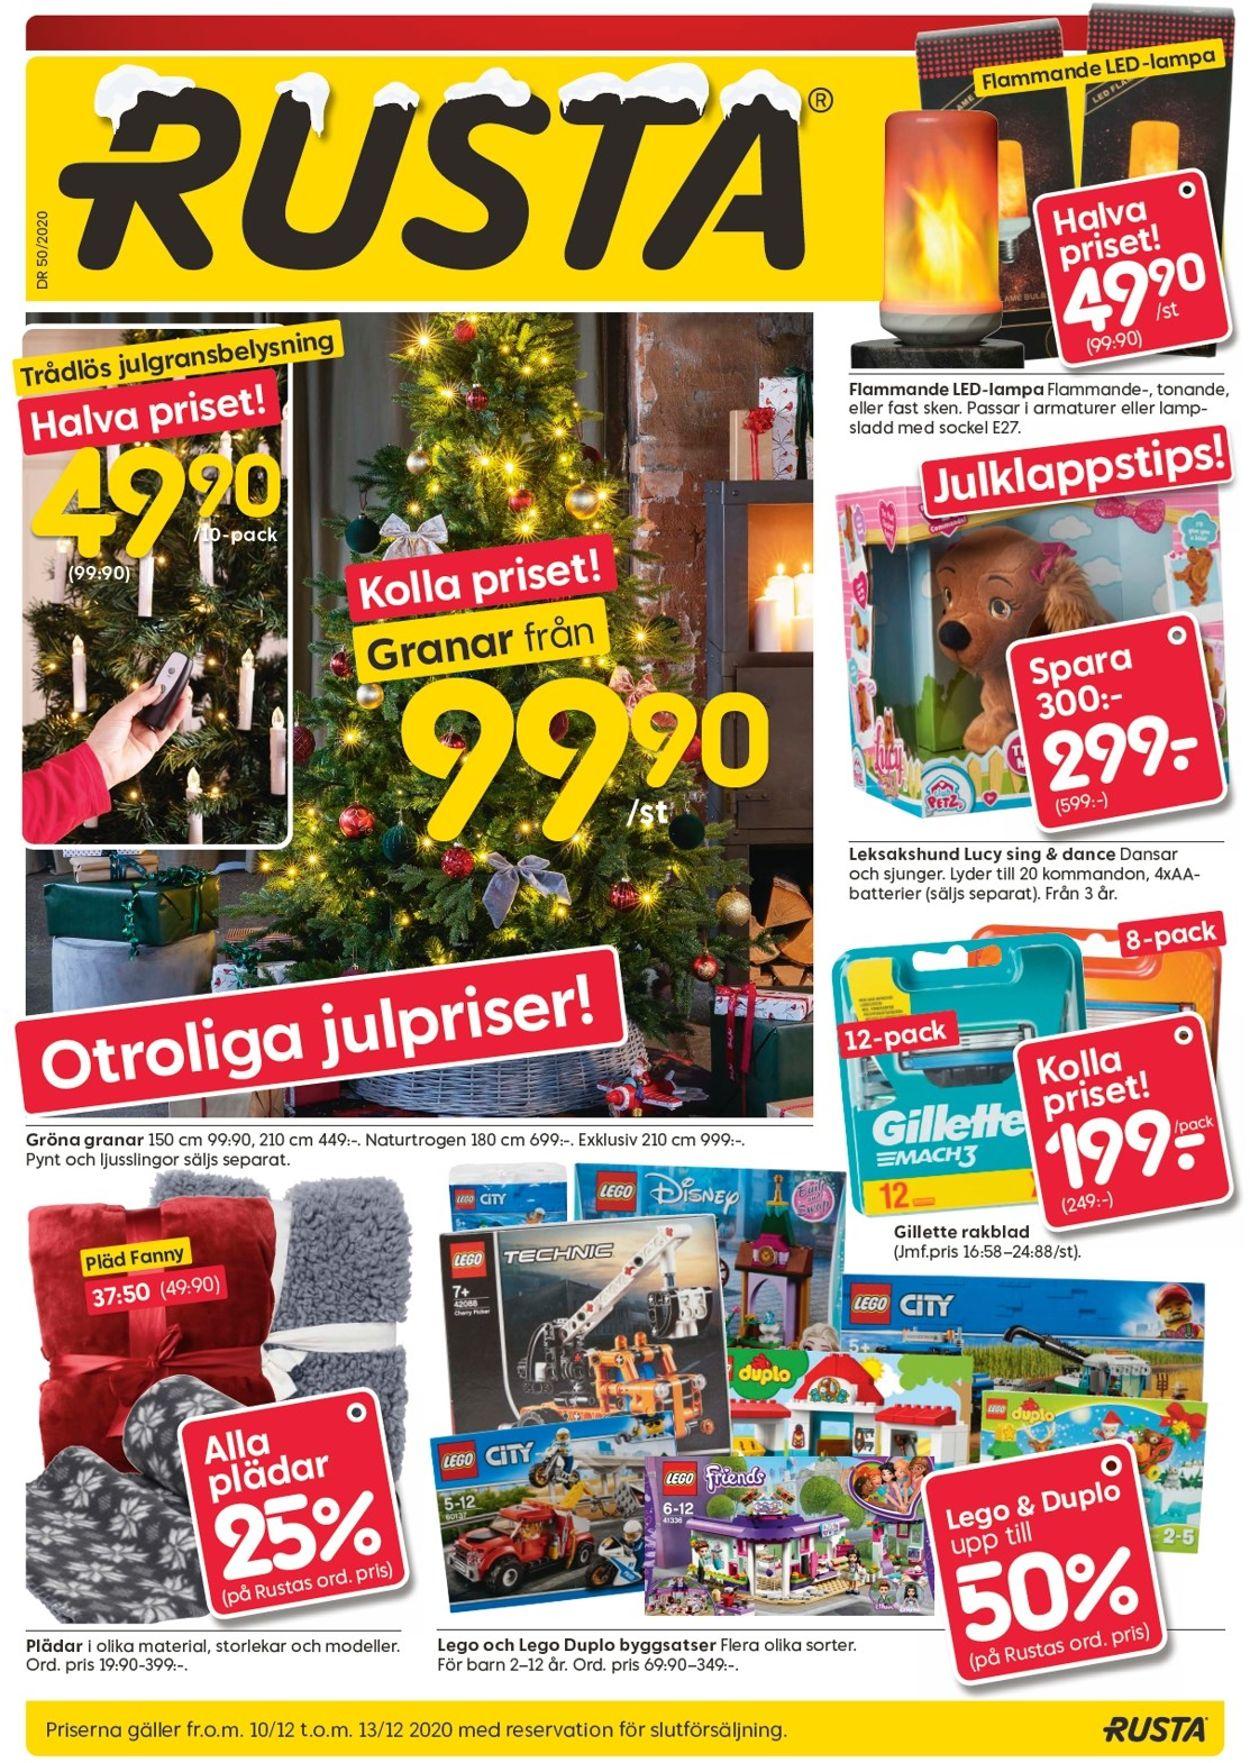 Rusta - Julen 2020 - Reklamblad - 10/12-13/12-2020